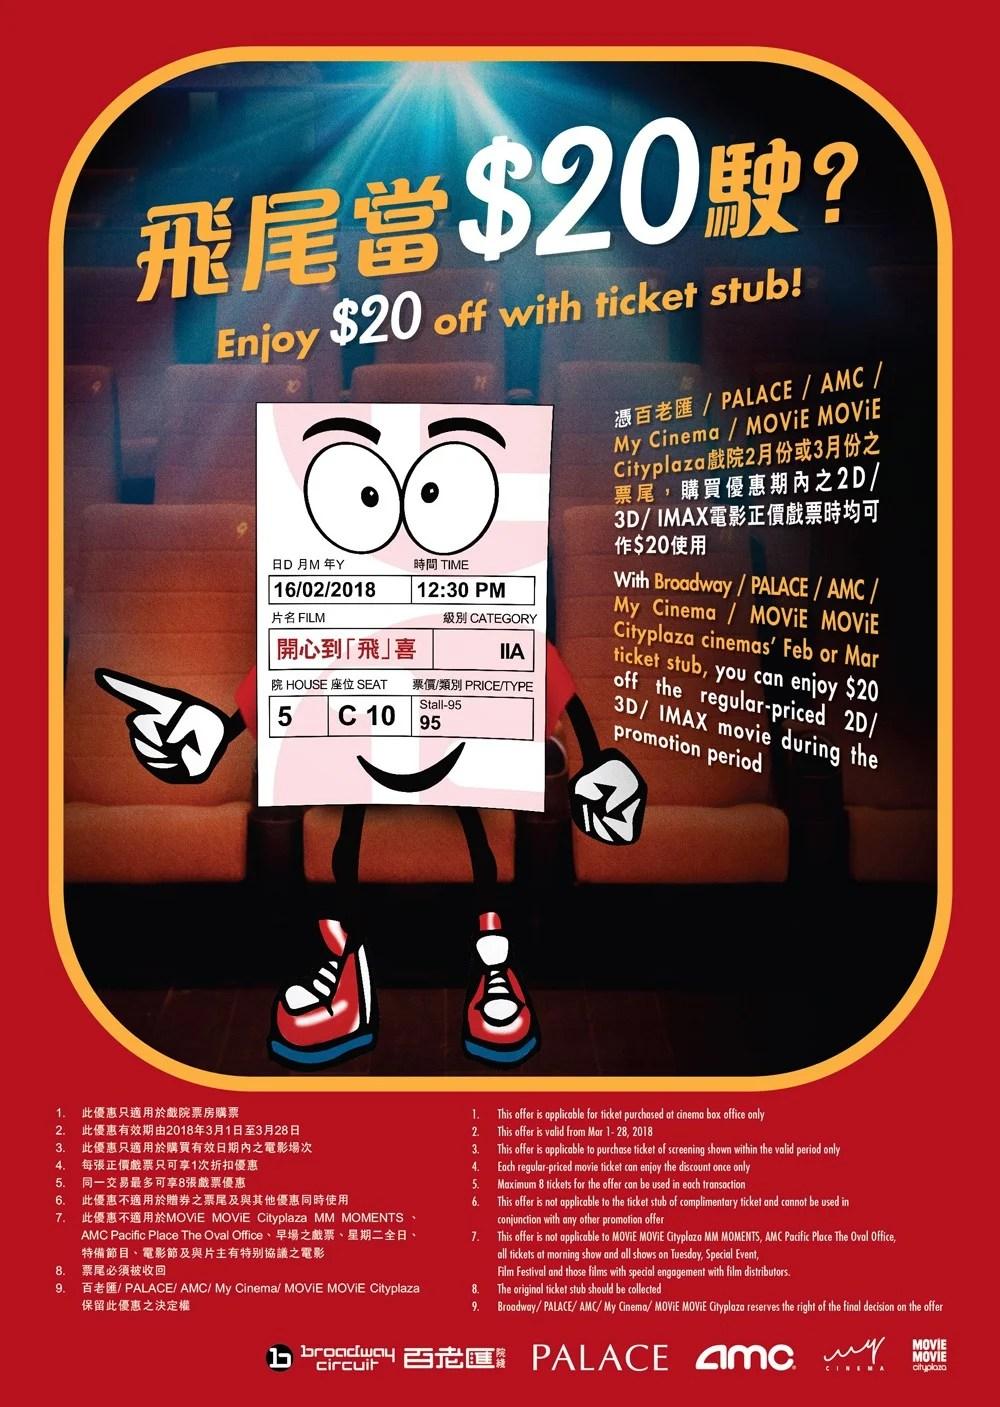 13間戲院都用得!期間限定優惠~2月至3月份戲飛飛尾~可當$20買正價戲飛 | HolidaySmart 假期日常